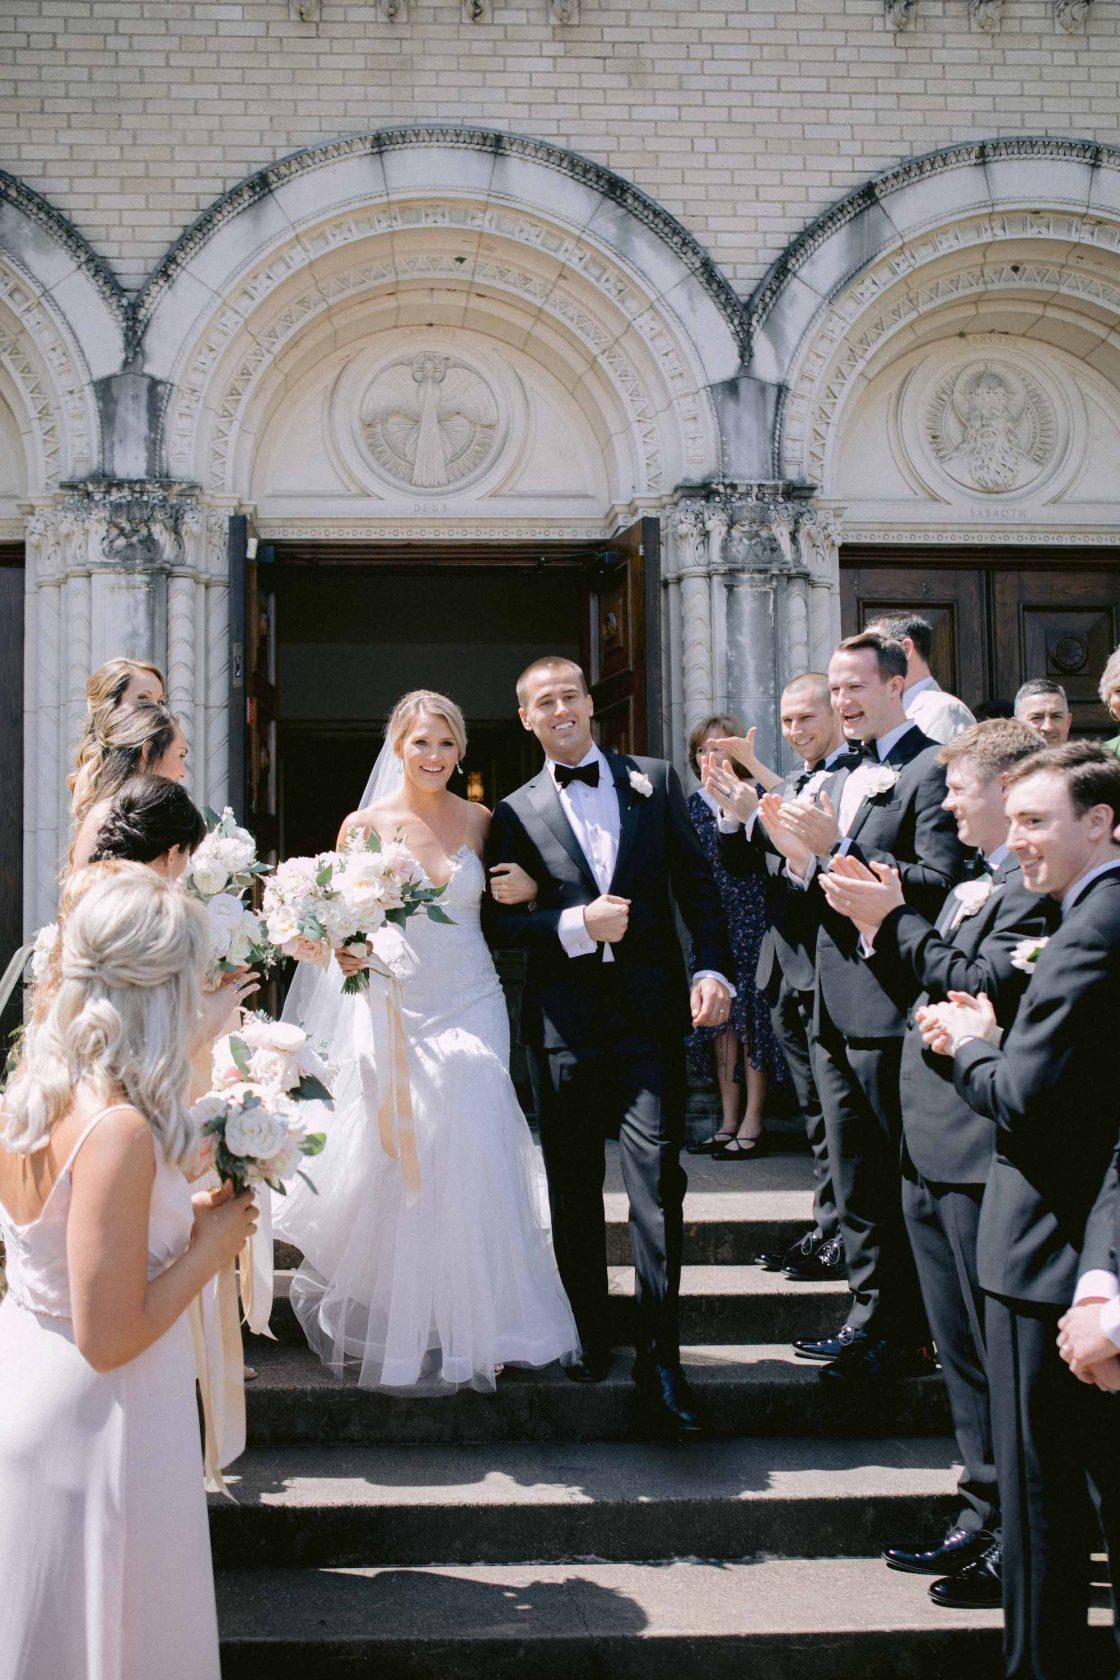 Catholic Wedding Sendoff